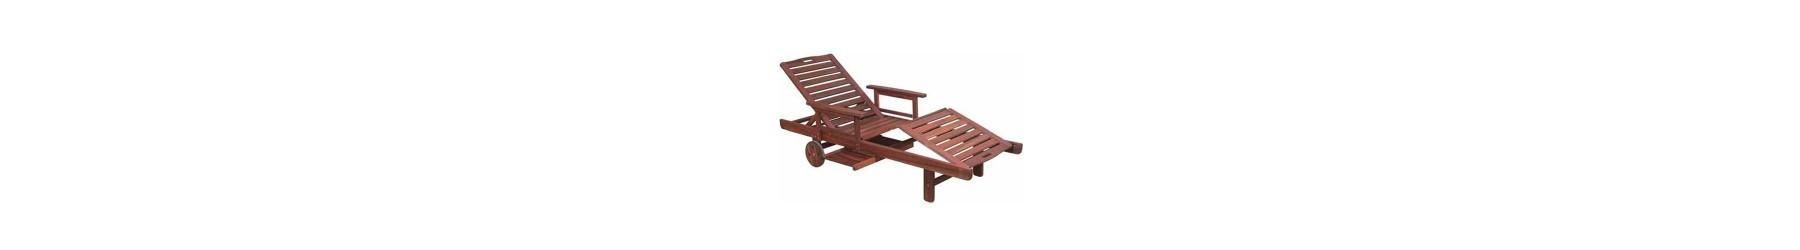 Ξαπλώστρες κήπου, πισίνας και παραλίας ξύλινες